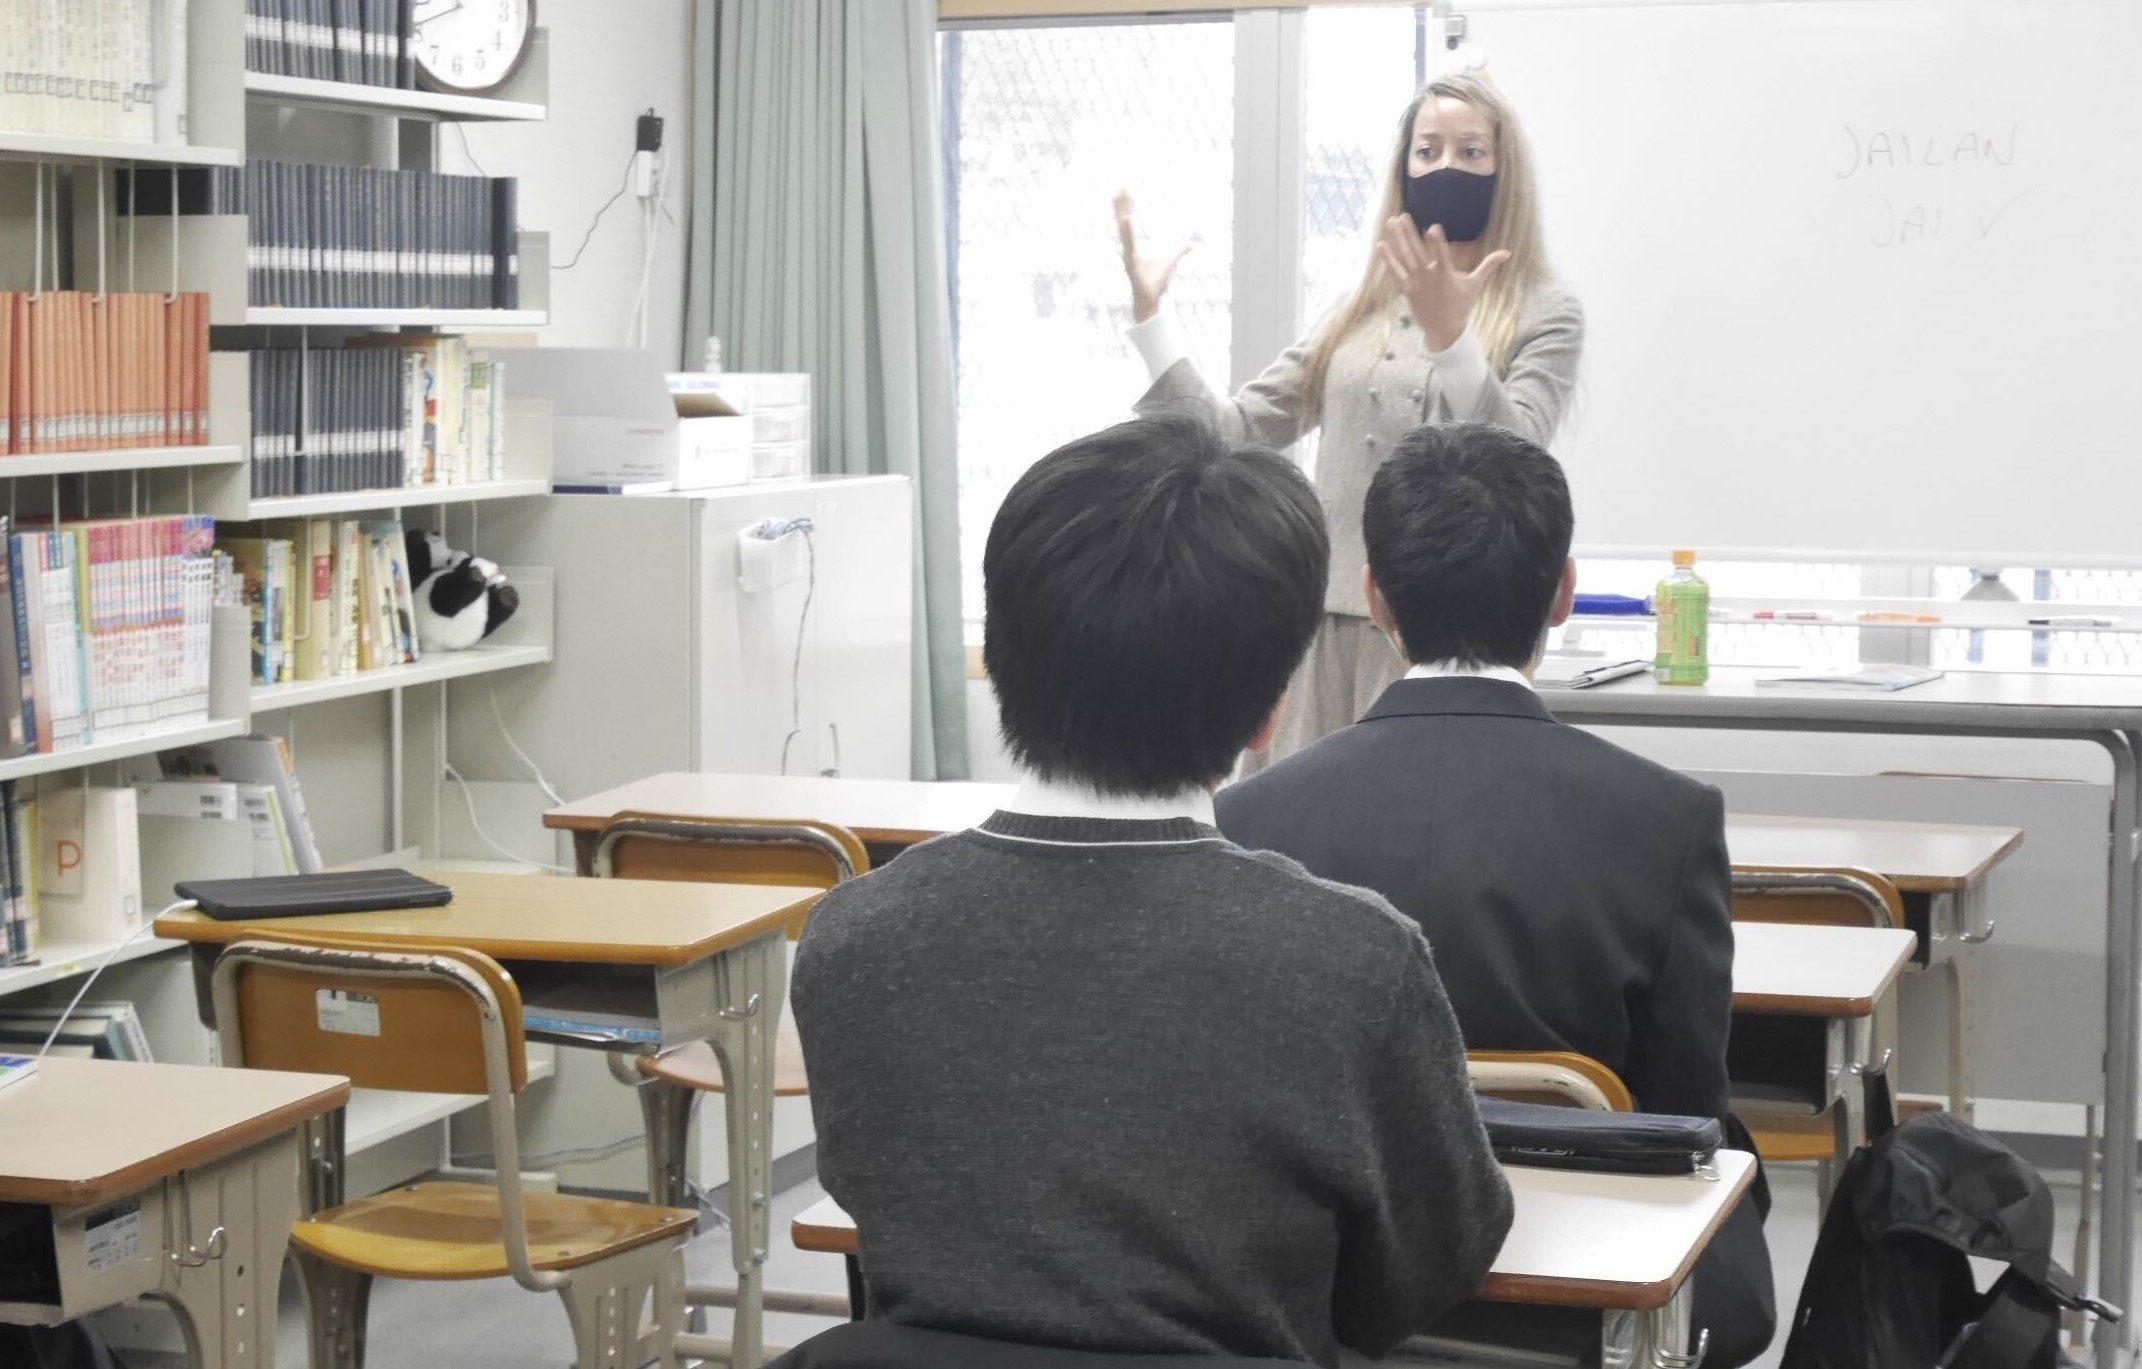 ネイティブスピーカー ジェイ先生登場!